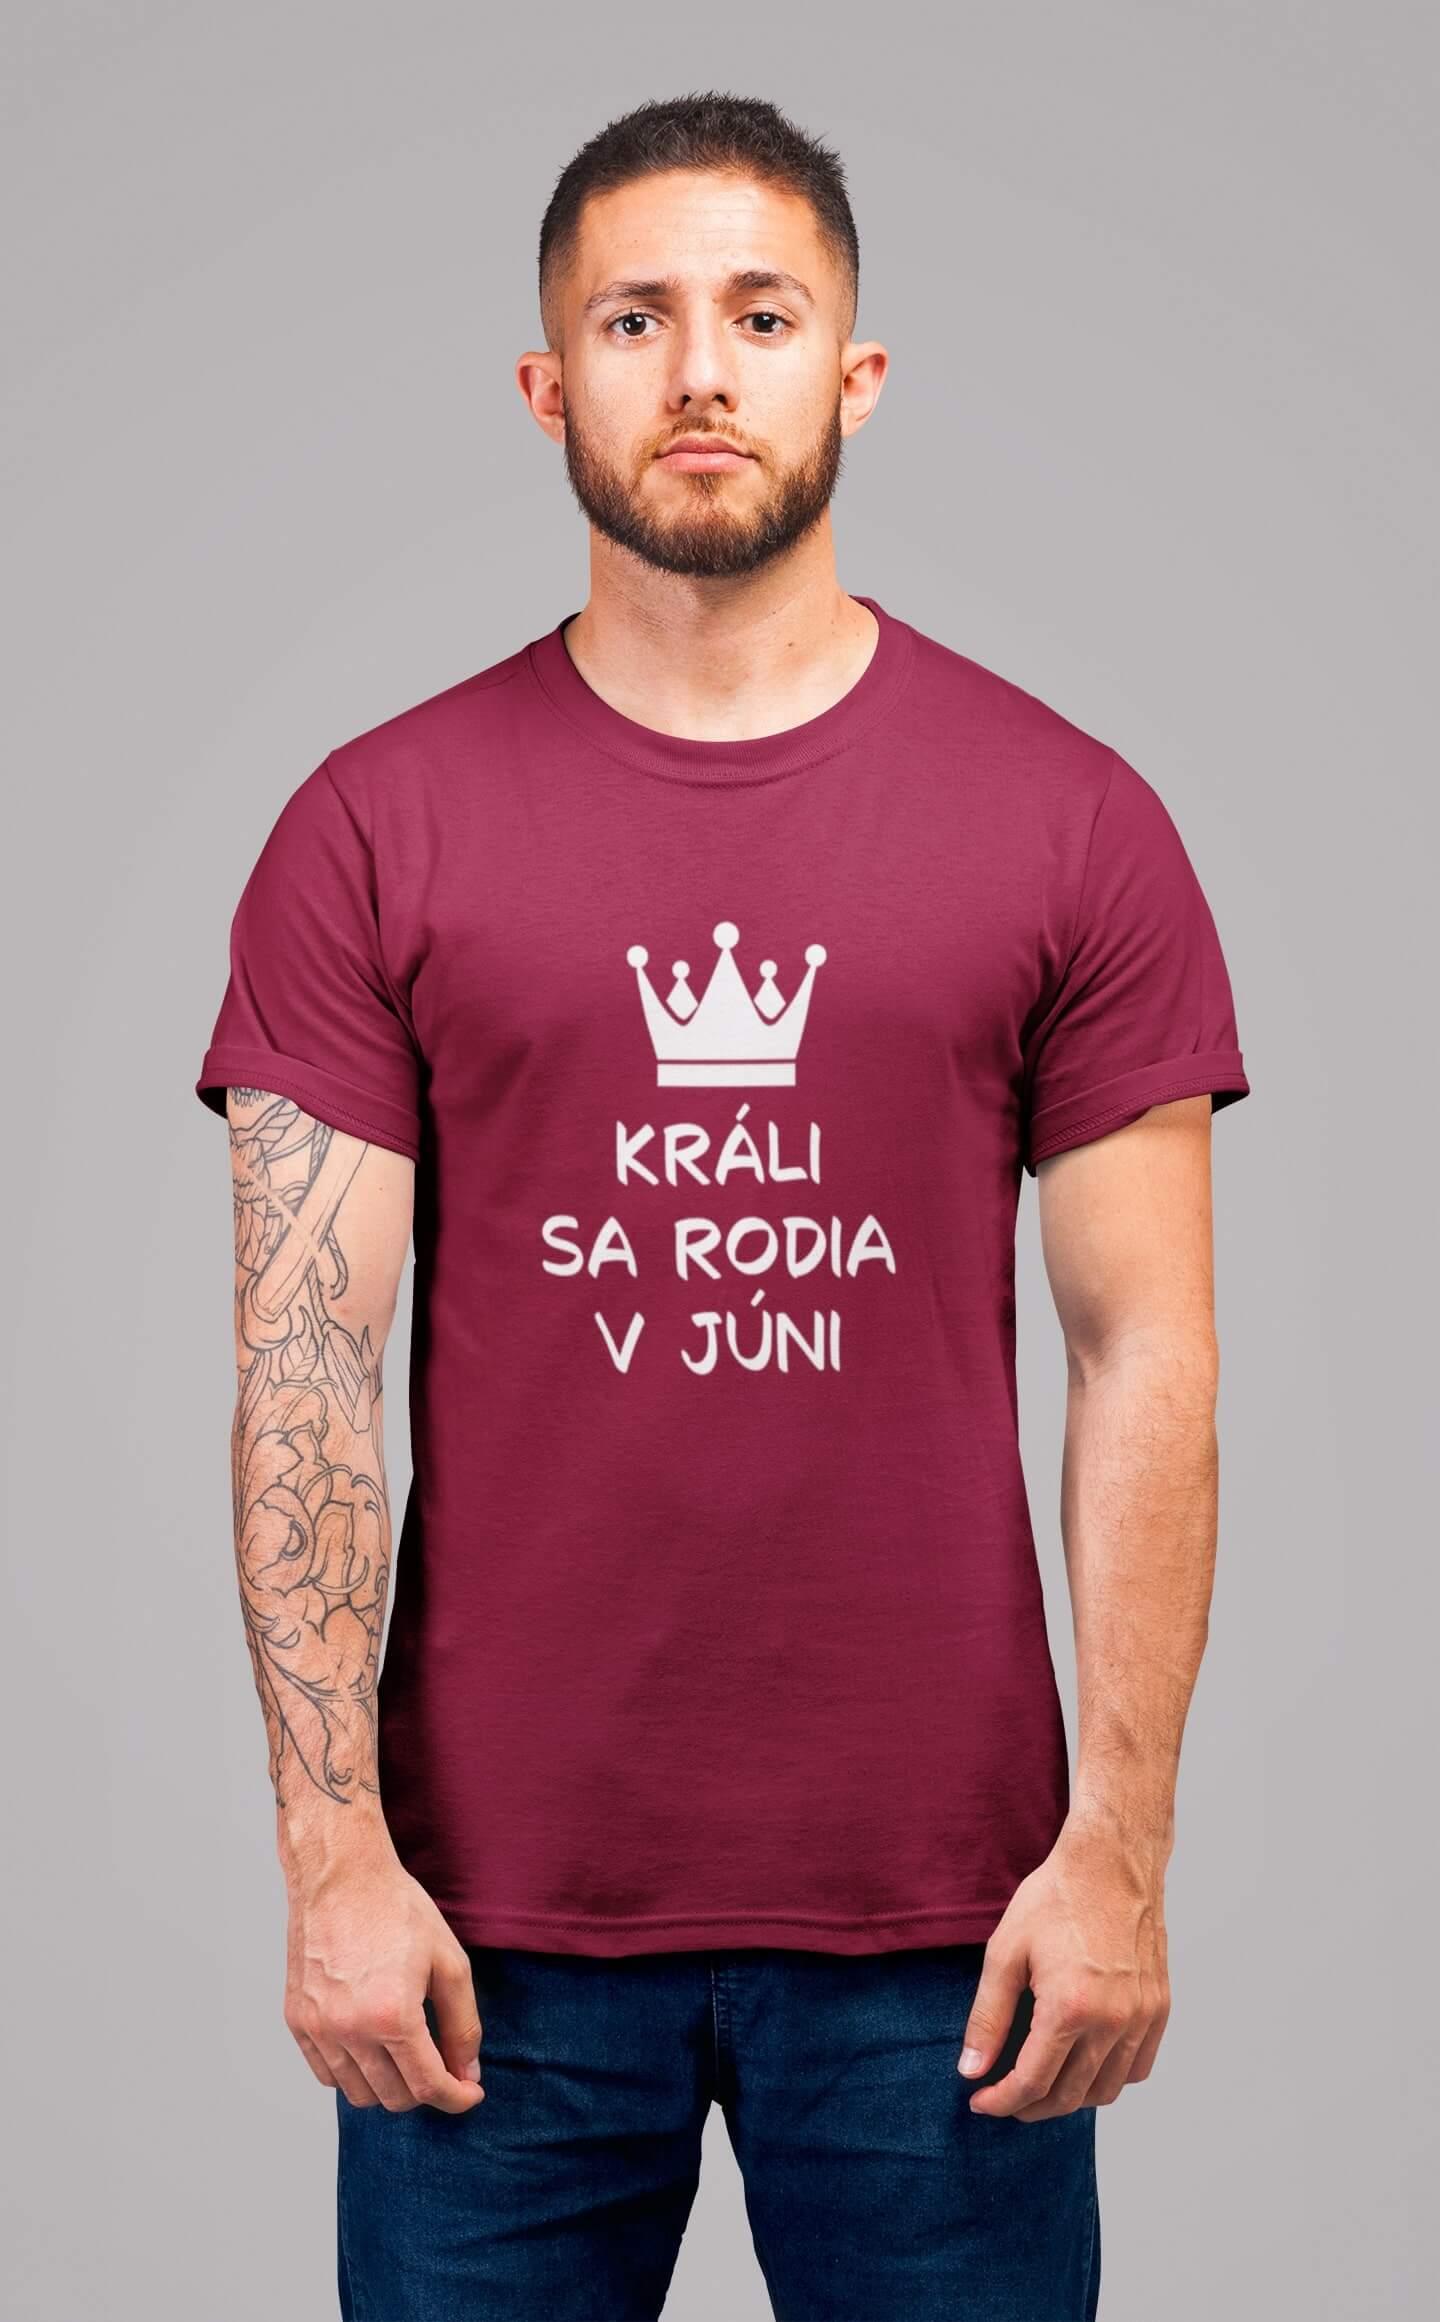 MMO Pánske tričko Králi sa rodia v júni Vyberte farbu: Marlboro červená, Vyberte veľkosť: M